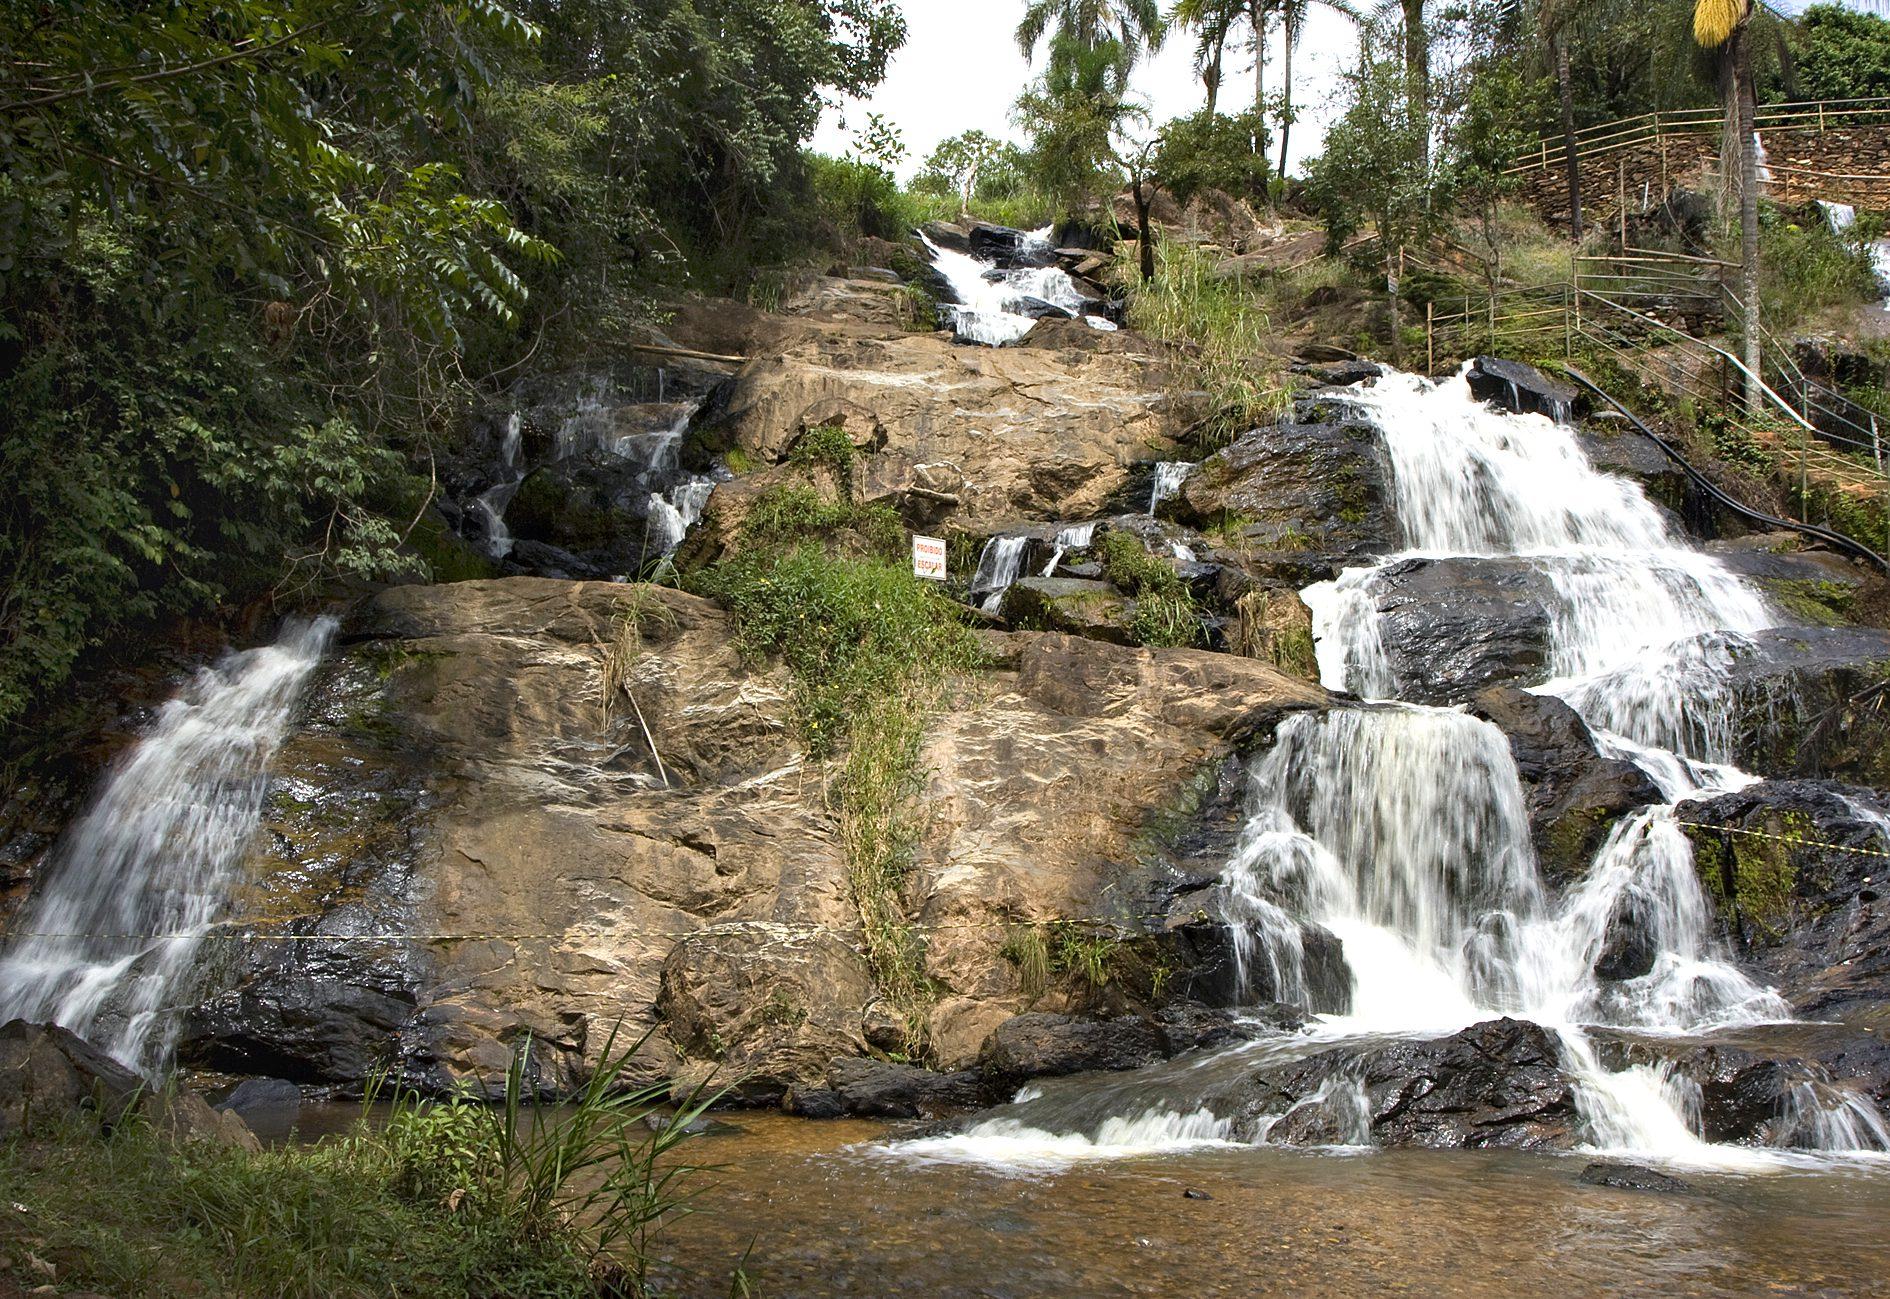 MEIO AMBIENTE: STF deve concluir julgamento do Código Florestal nesta semana